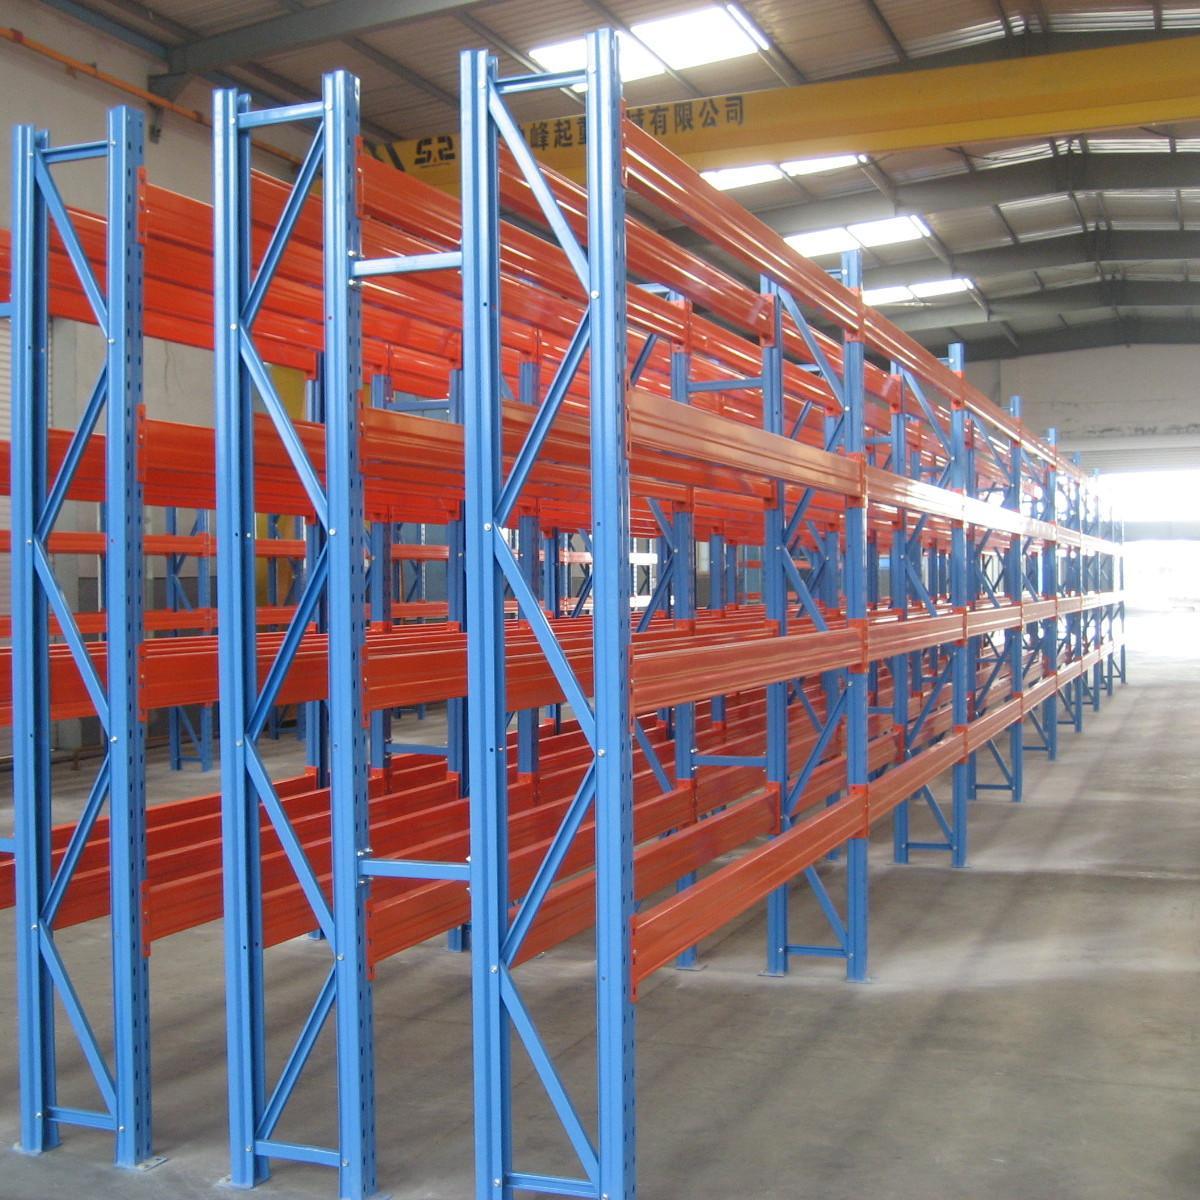 仓库重型货架和横梁货架之间的差异是什么